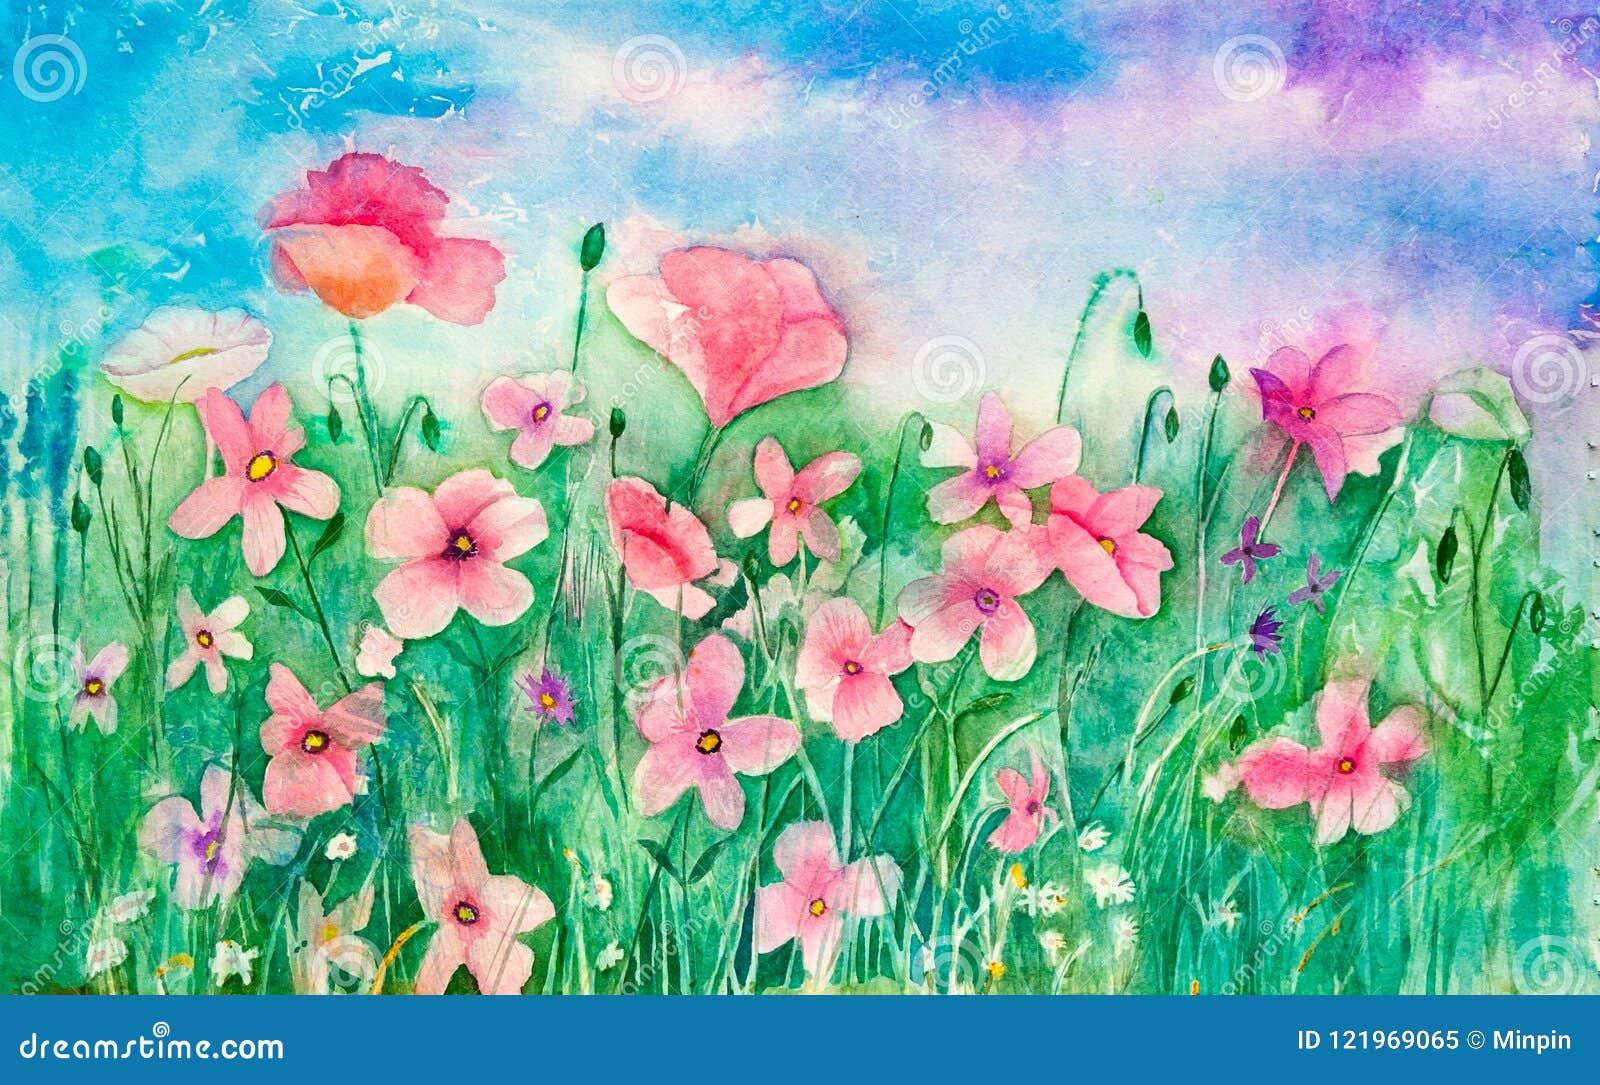 Fleurs sauvages en pastel roses dans un domaine - art original